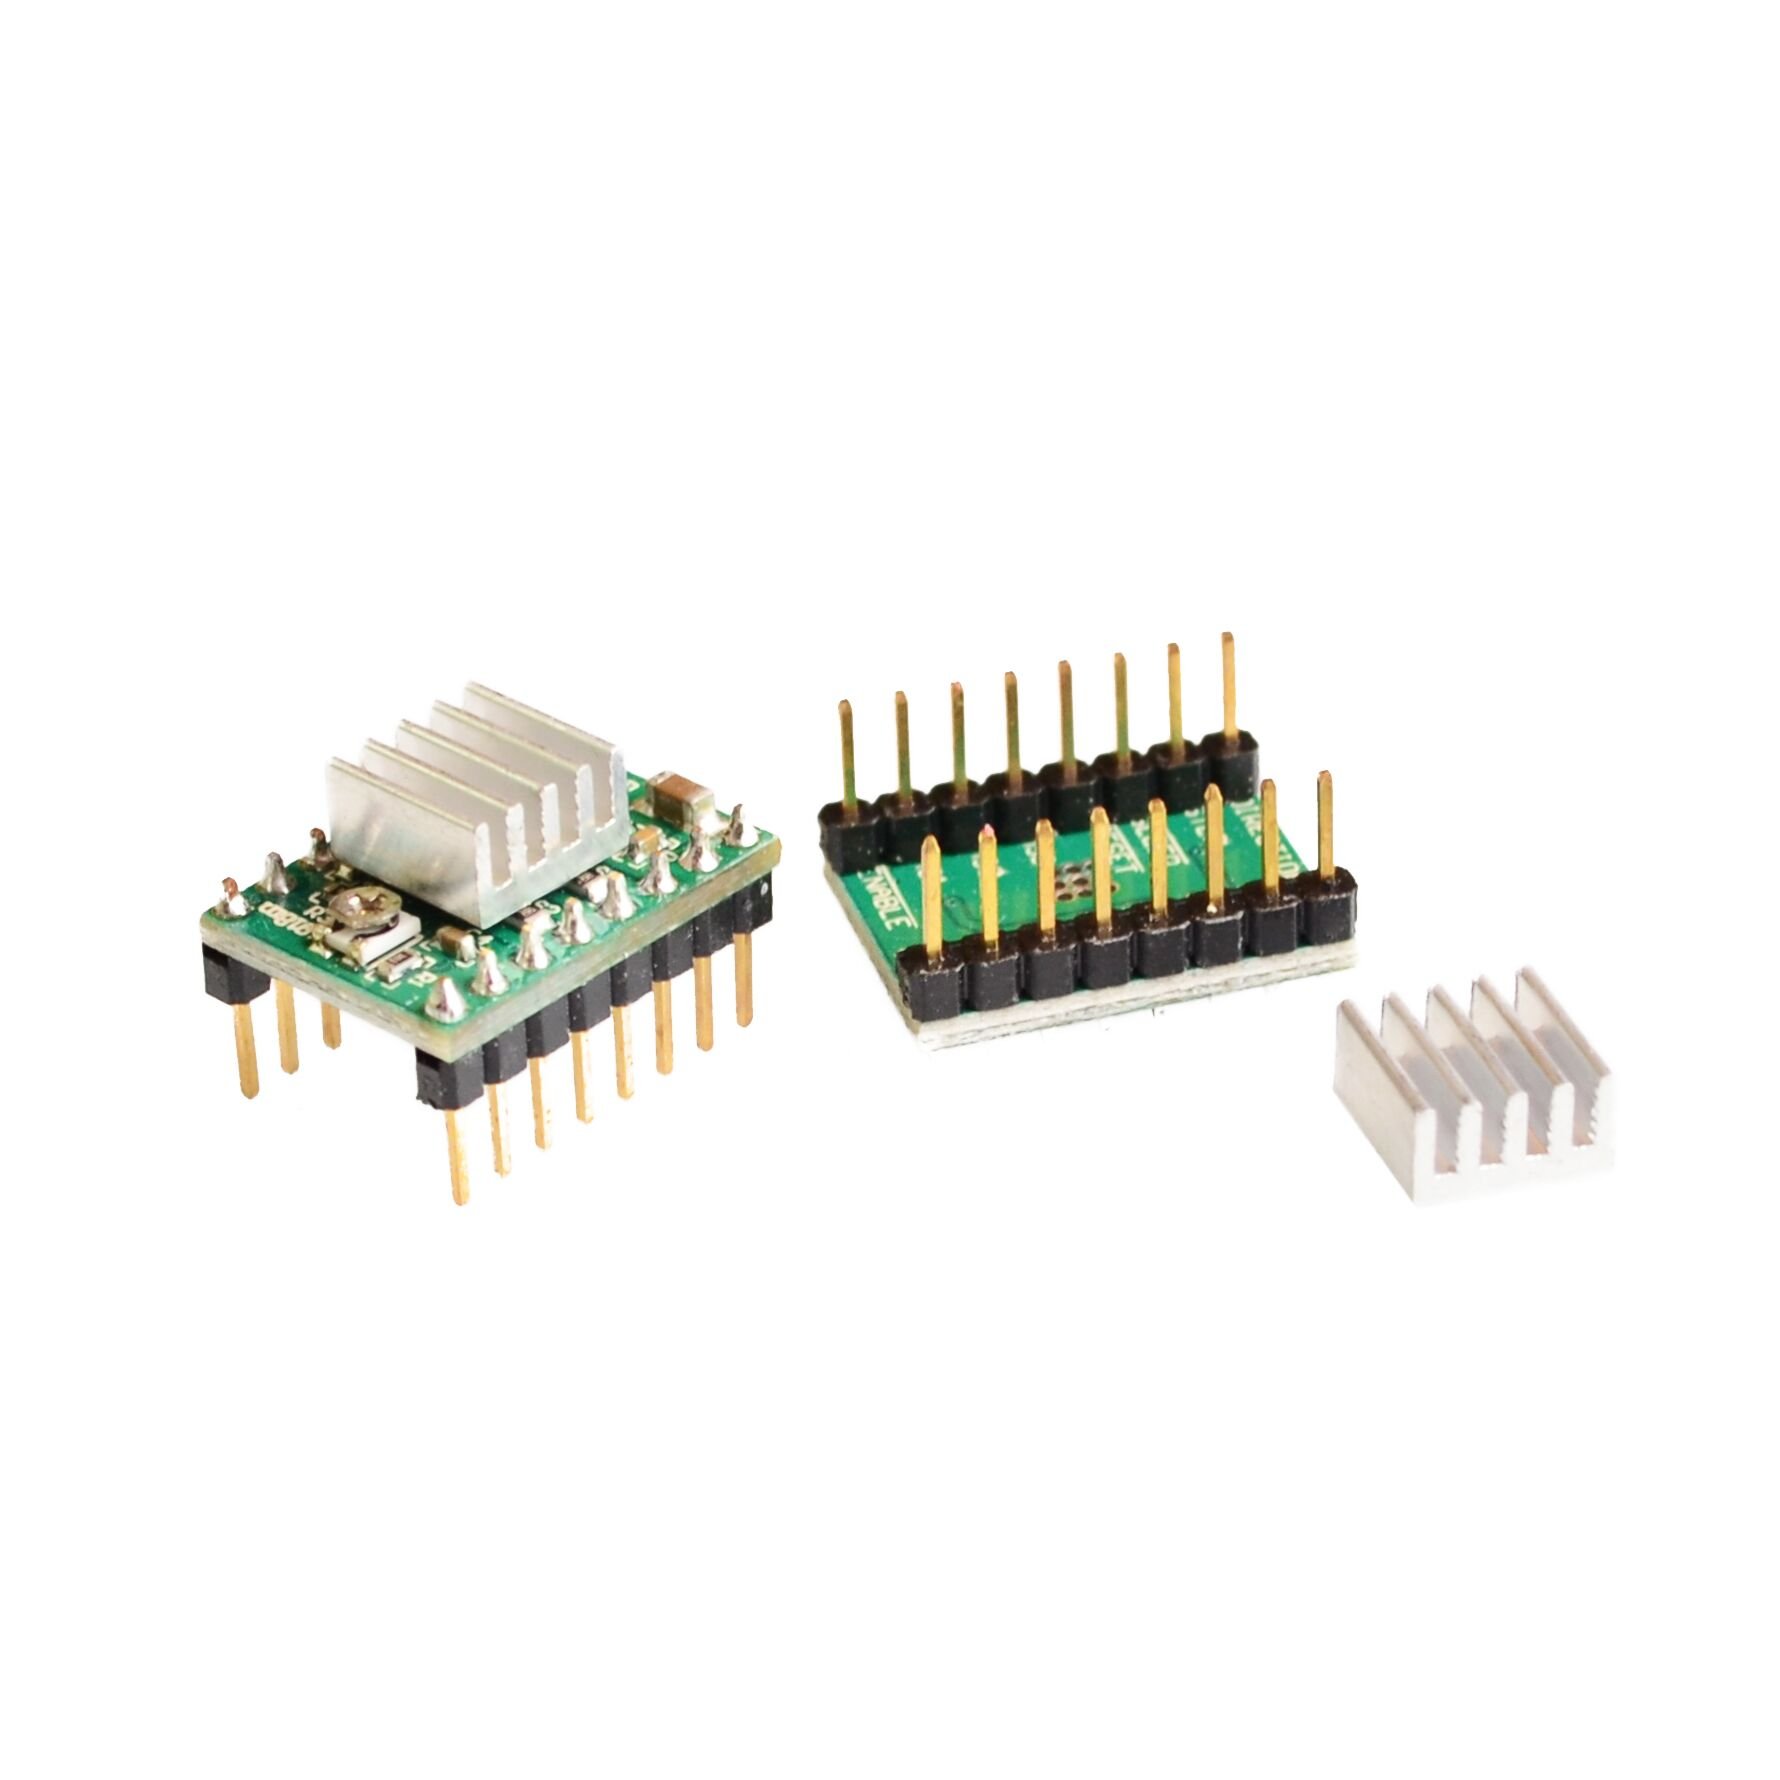 100 unids/lote Reprap controlador paso a paso A4988 módulo controlador de Motor paso a paso con disipador de calor Dropshipping